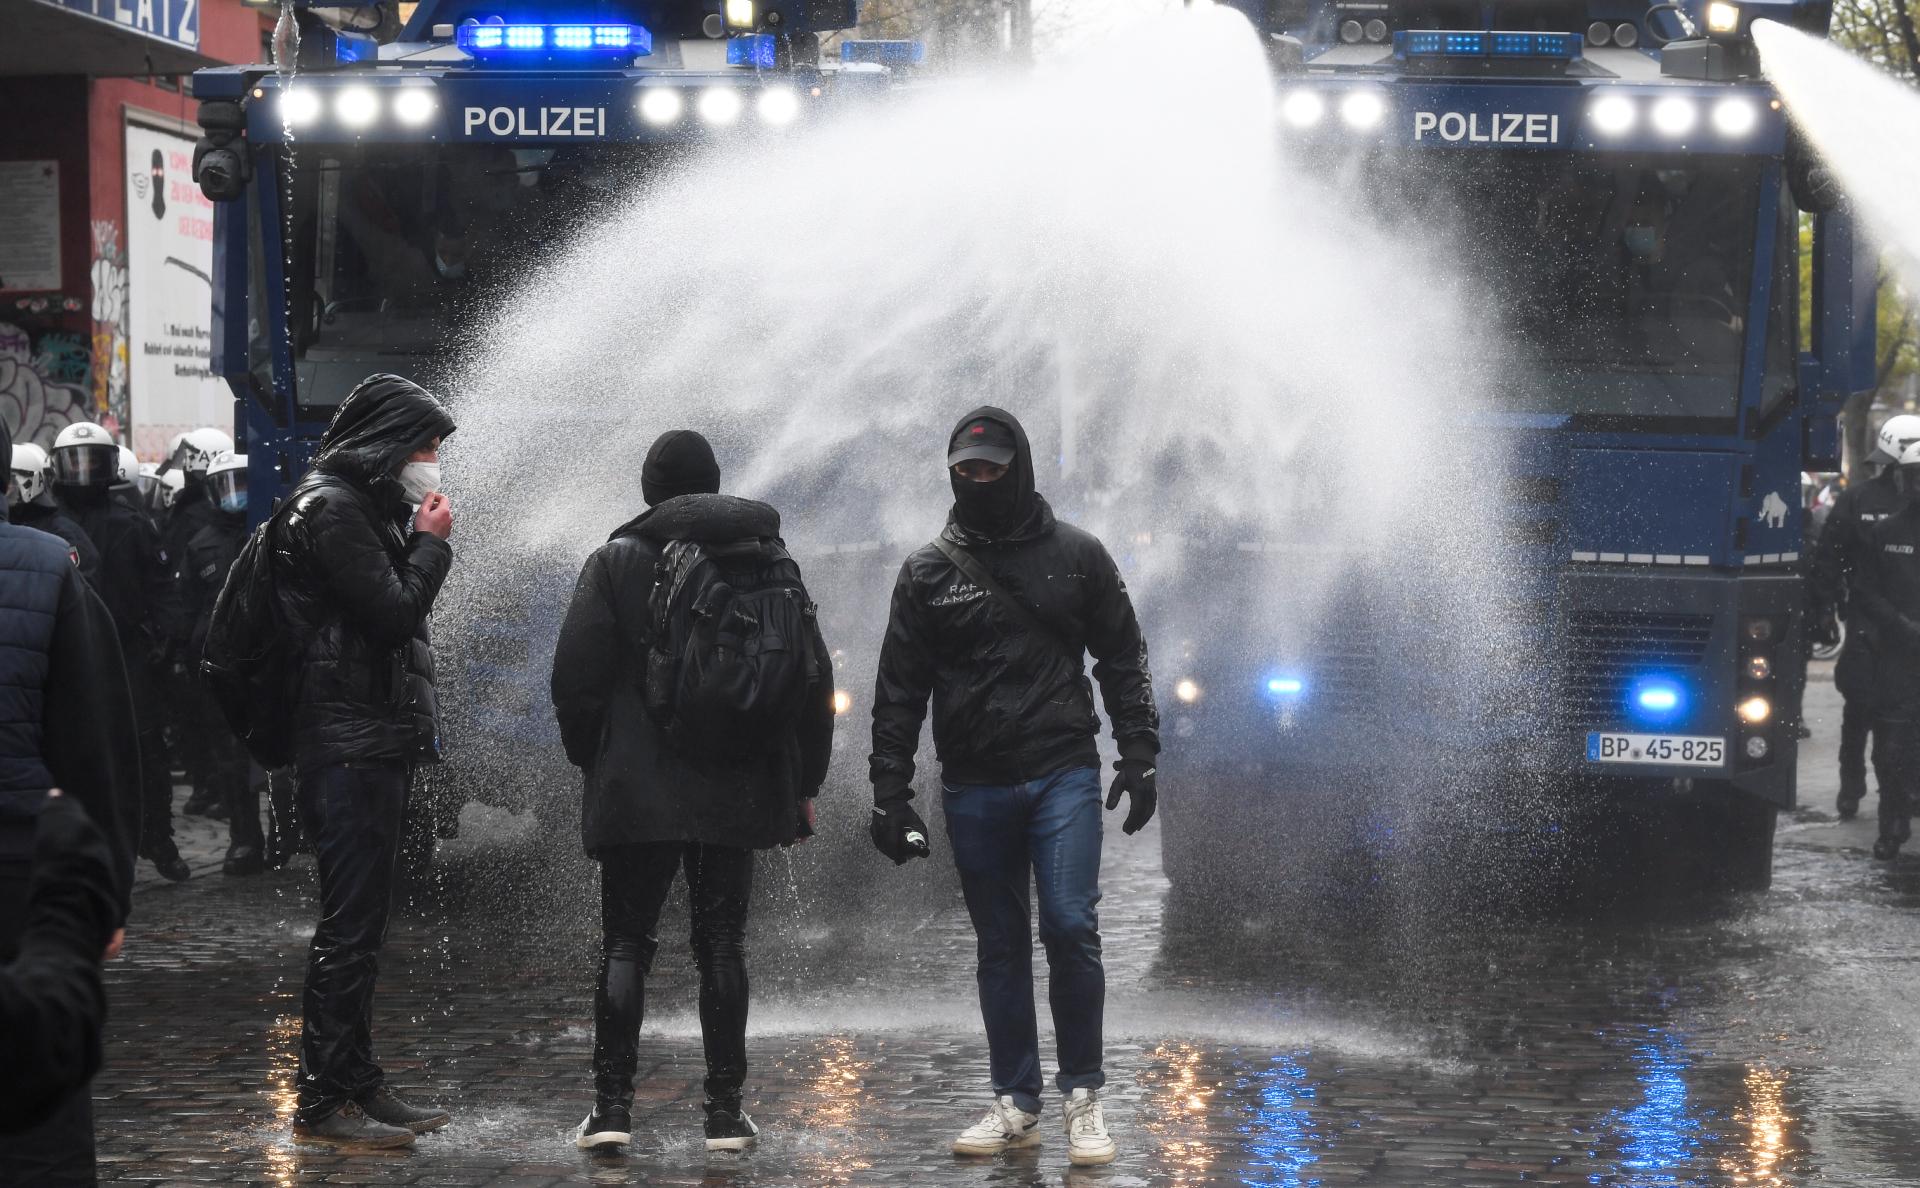 Фото: Fabian Bimmer / Reuters